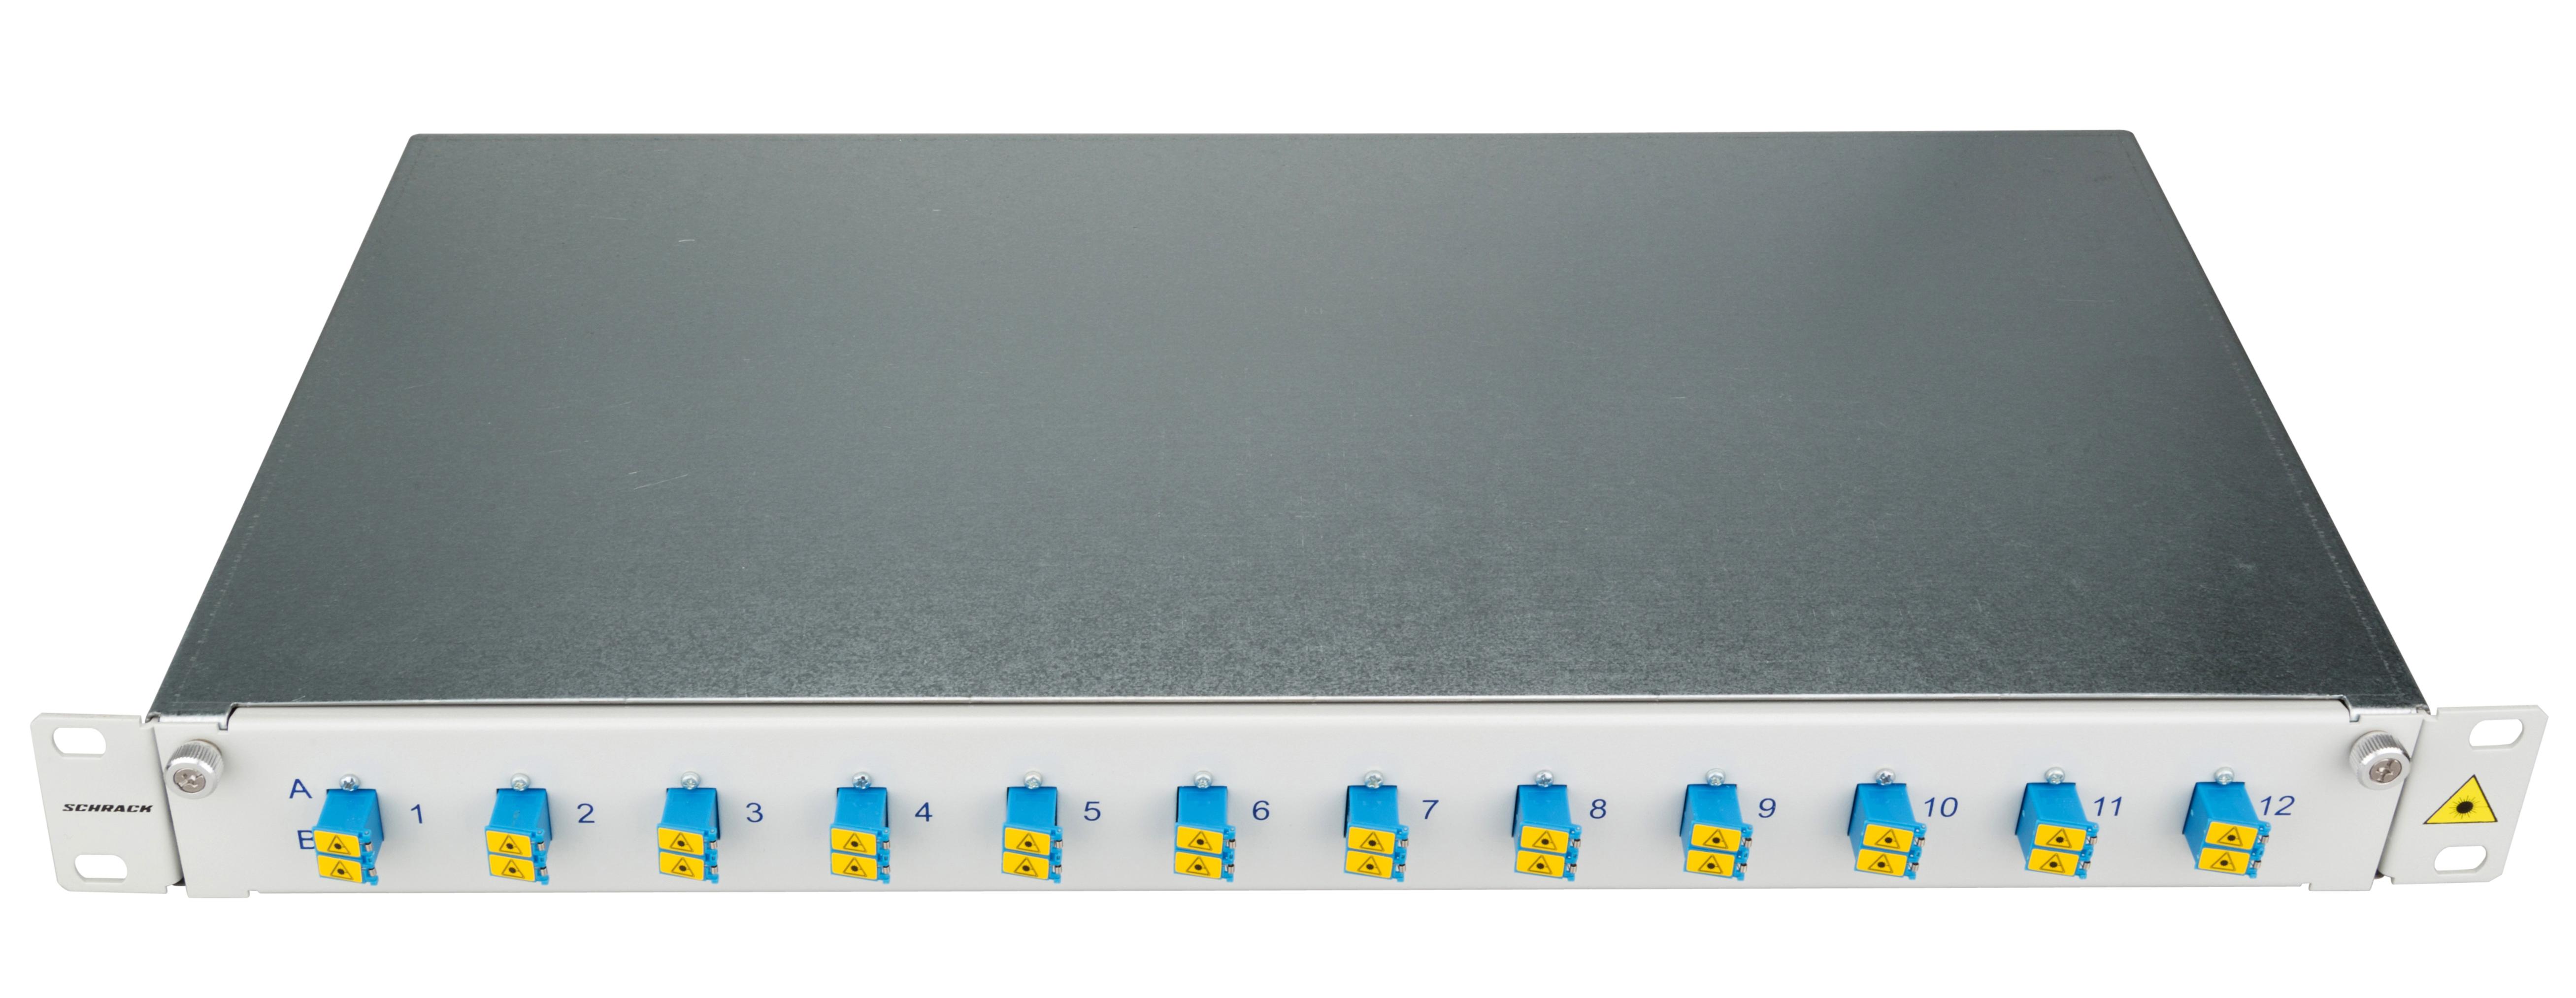 1 Stk LWL Patchpanel 19, 1 HE, ausziehbar, für 12 Fasern, LC, SM HSELS12SLG